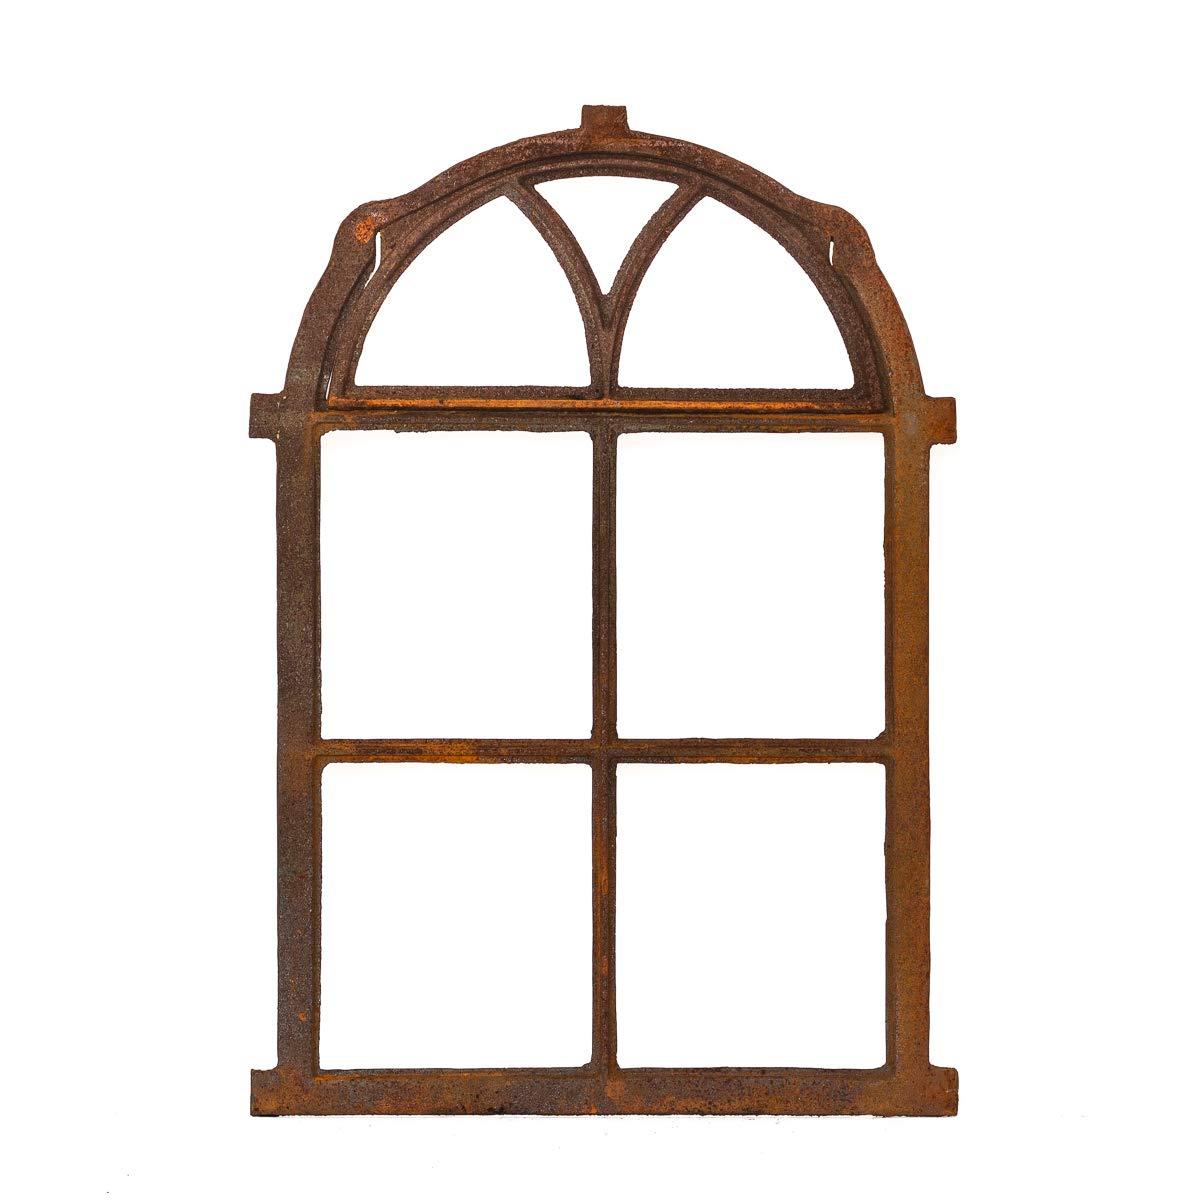 Antikas | klappbares Eisenfenster in antiken Stil | Hö he ca. 75 cm - Breite ca. 50 cm | Fenster fü r Stall- und Gartenmauer | Fensterrahmen aus Gusseisen